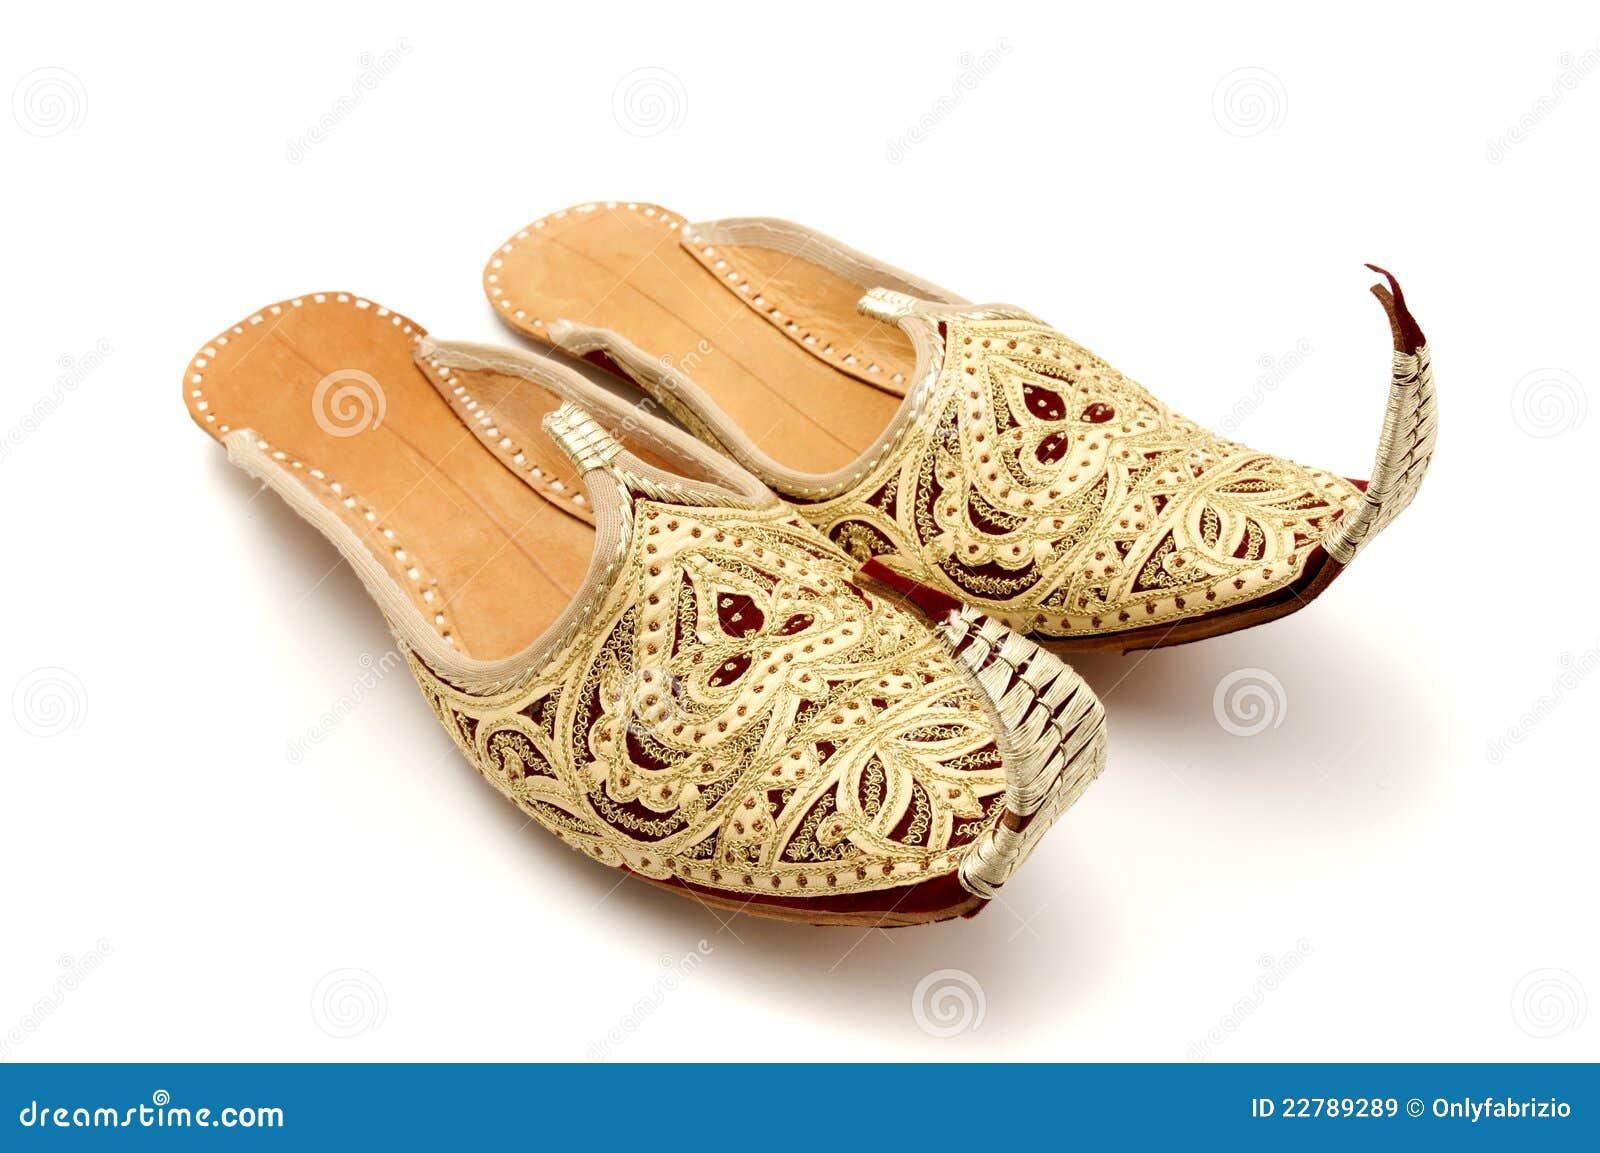 用脚尖踢的卷曲拖鞋